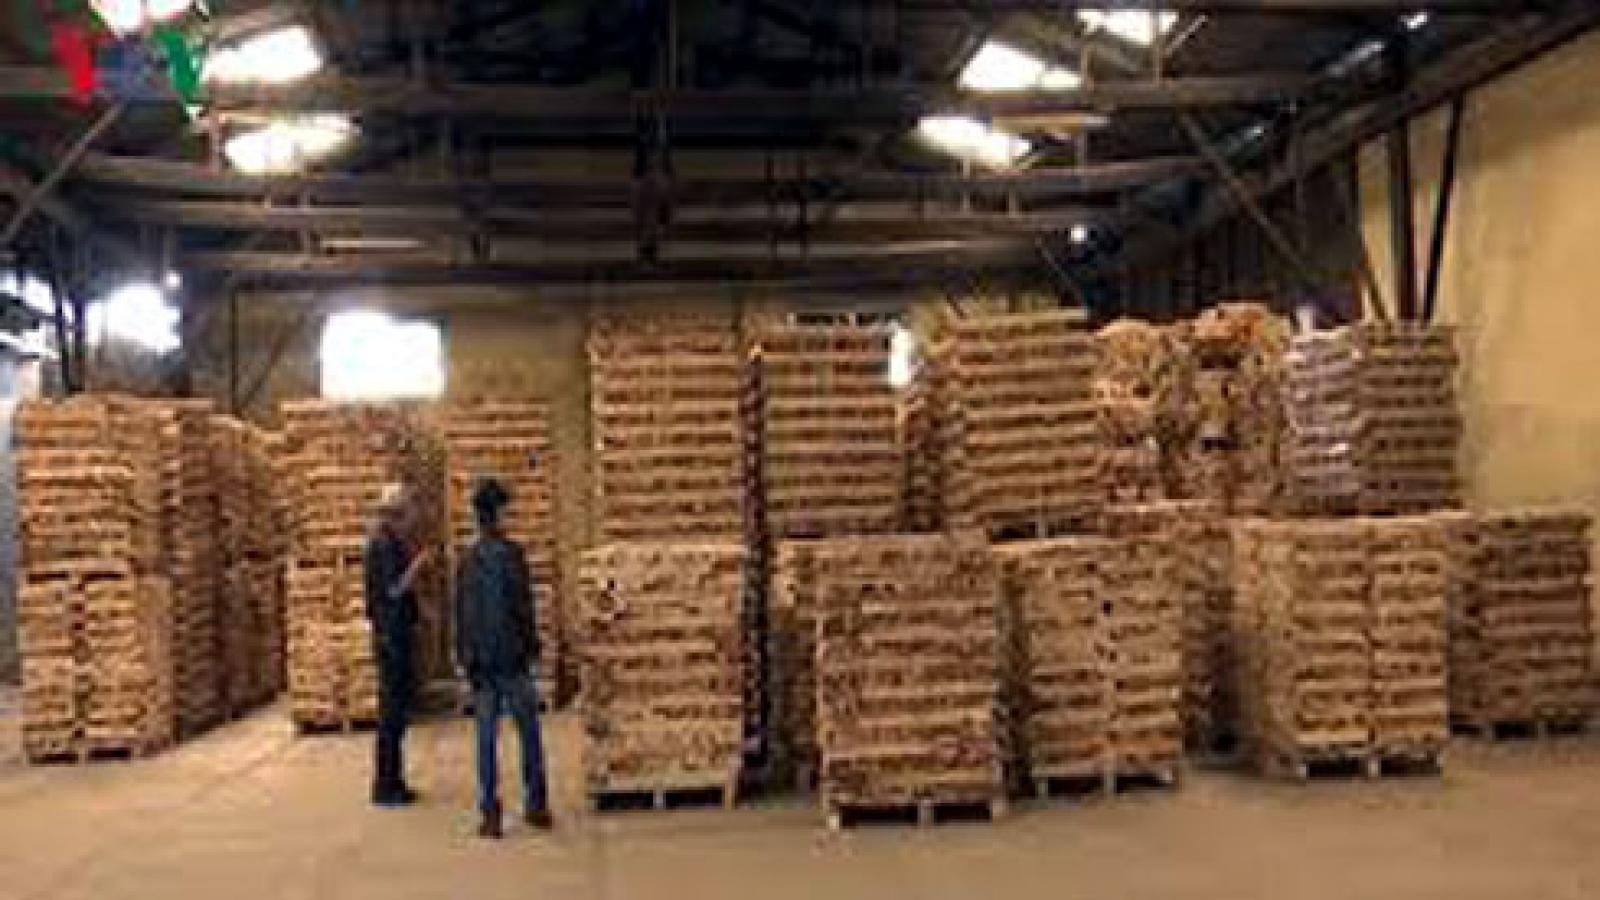 Chế biến và xuất khẩu gỗ tiềm ẩn nhiều rủi ro